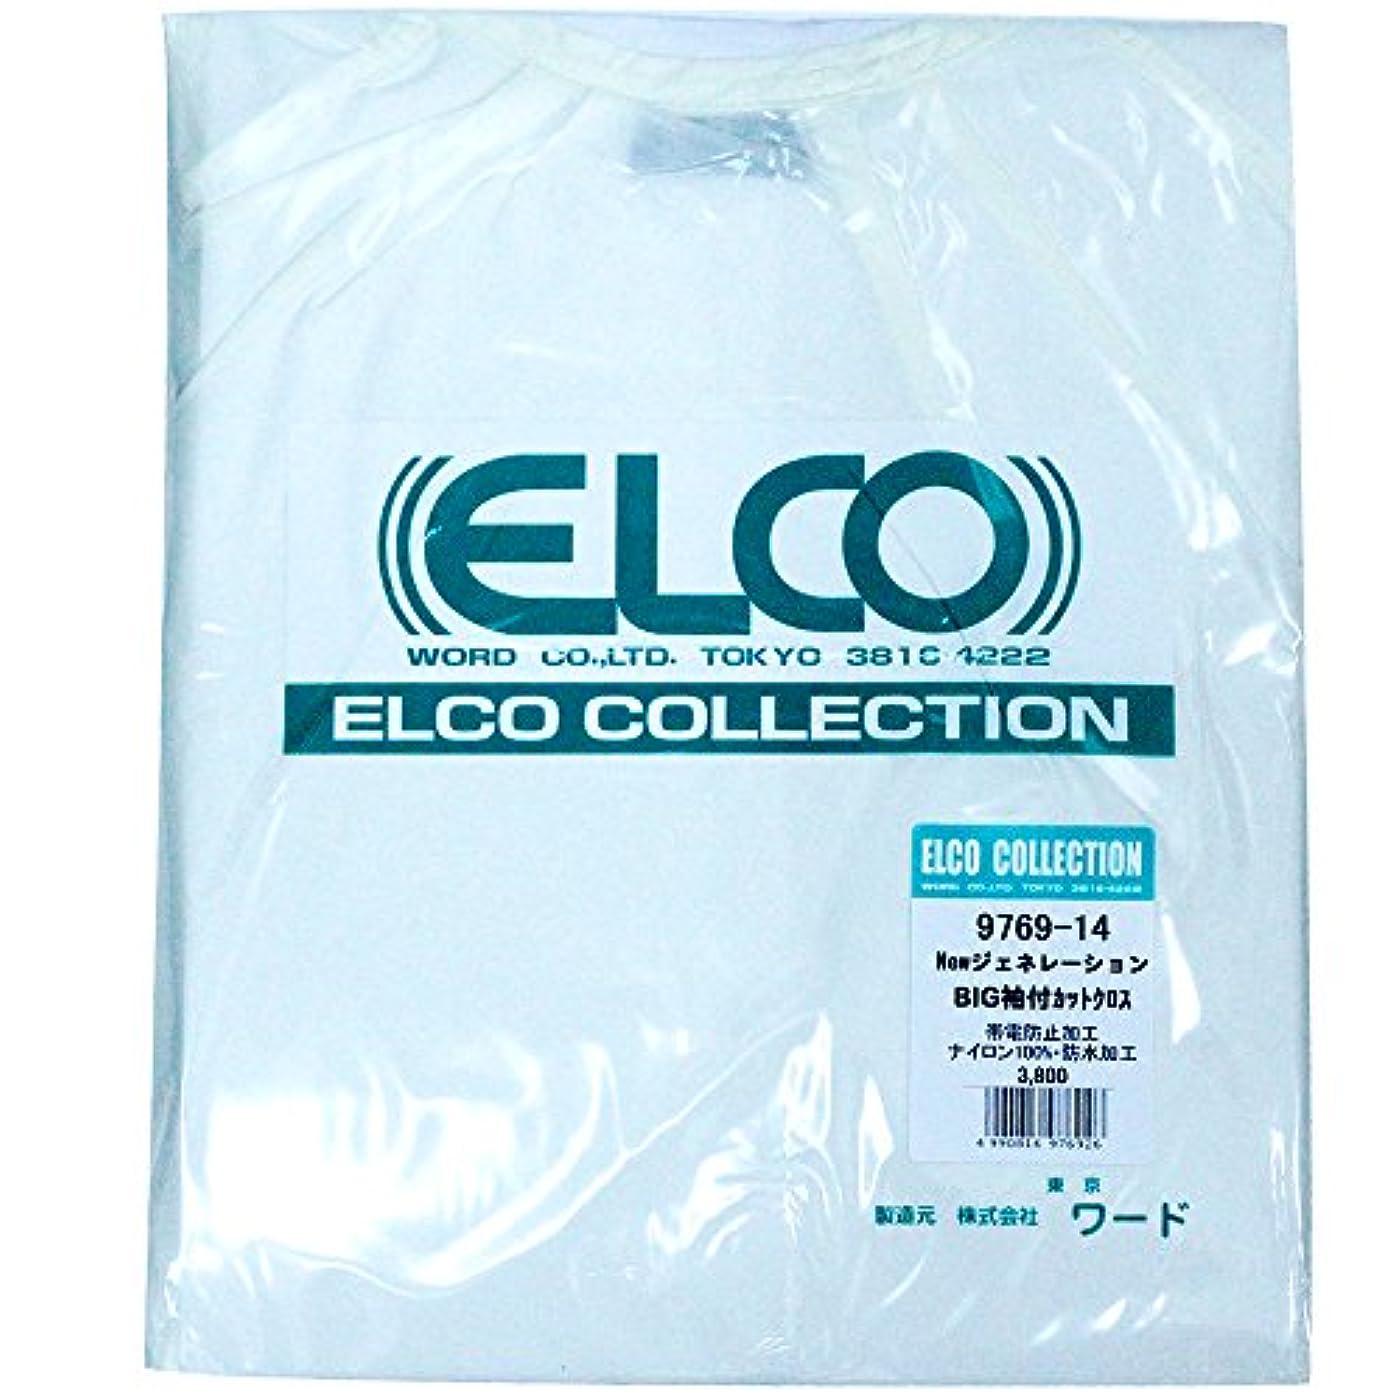 エレベーター有効年次エルコ ニュージェネレーションBIG袖付クロス オフホワイト